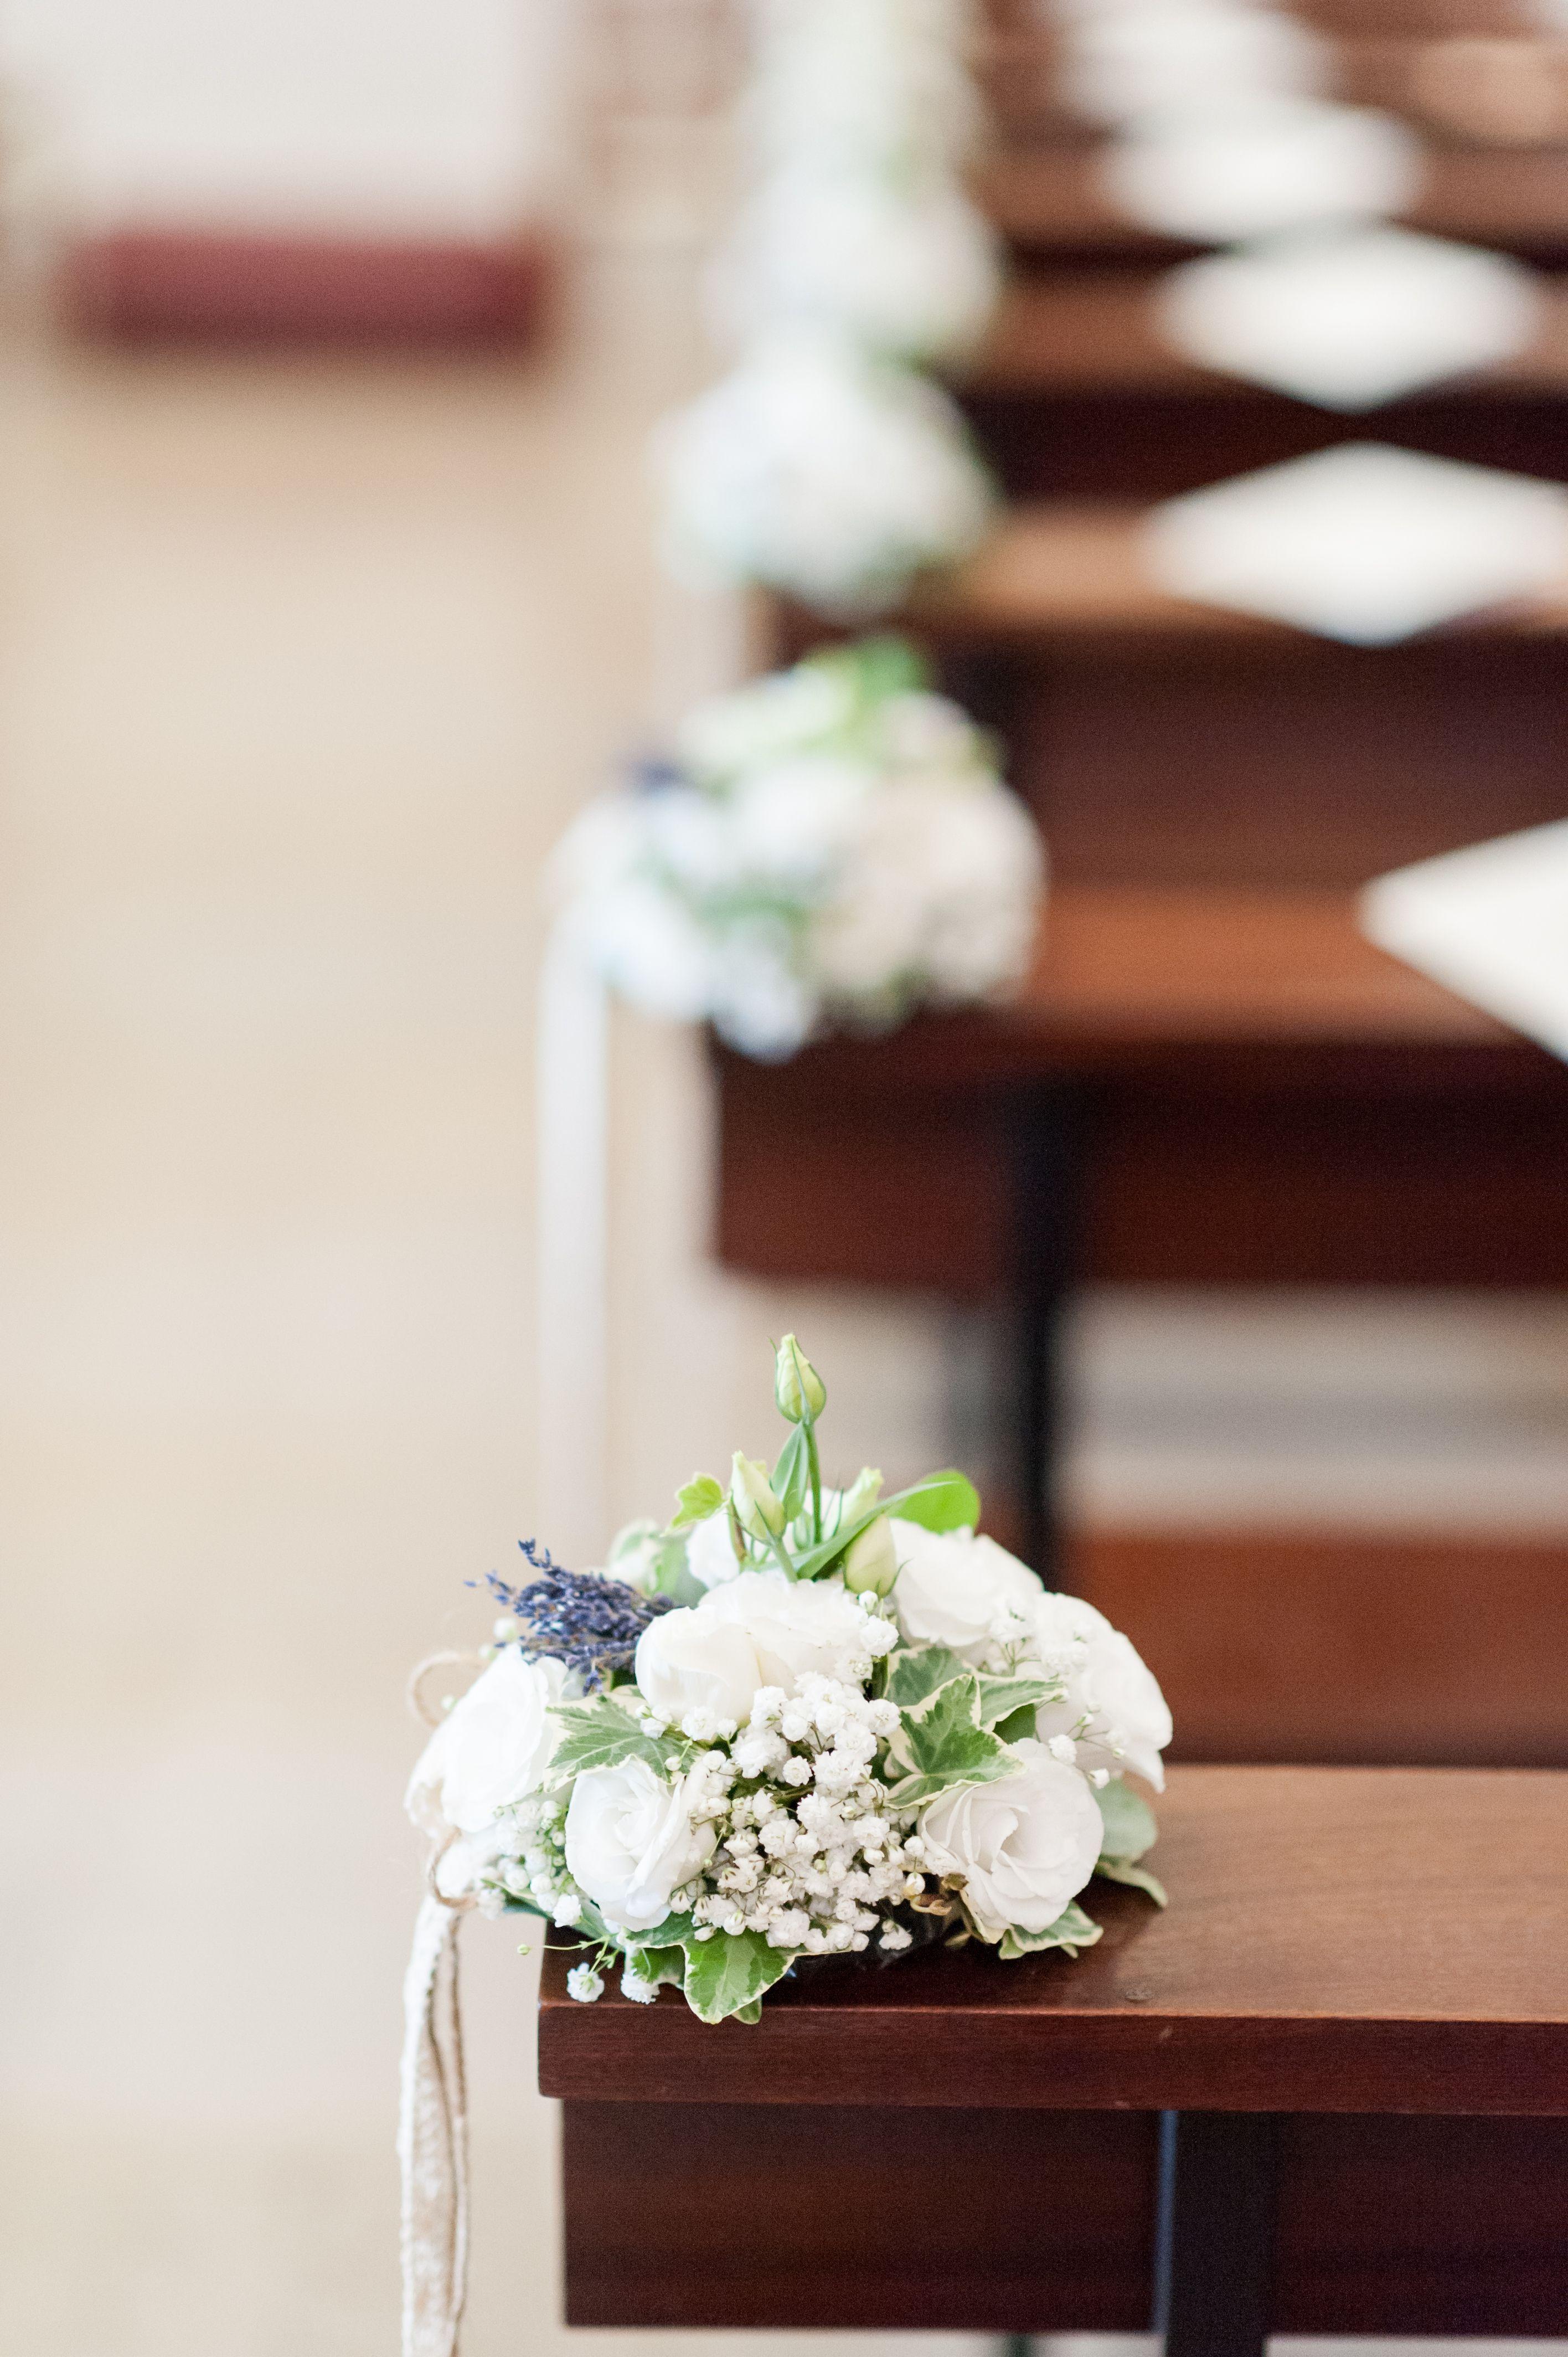 Come allestire la chiesa, con gusto ed eleganza, il giorno del matrimonio